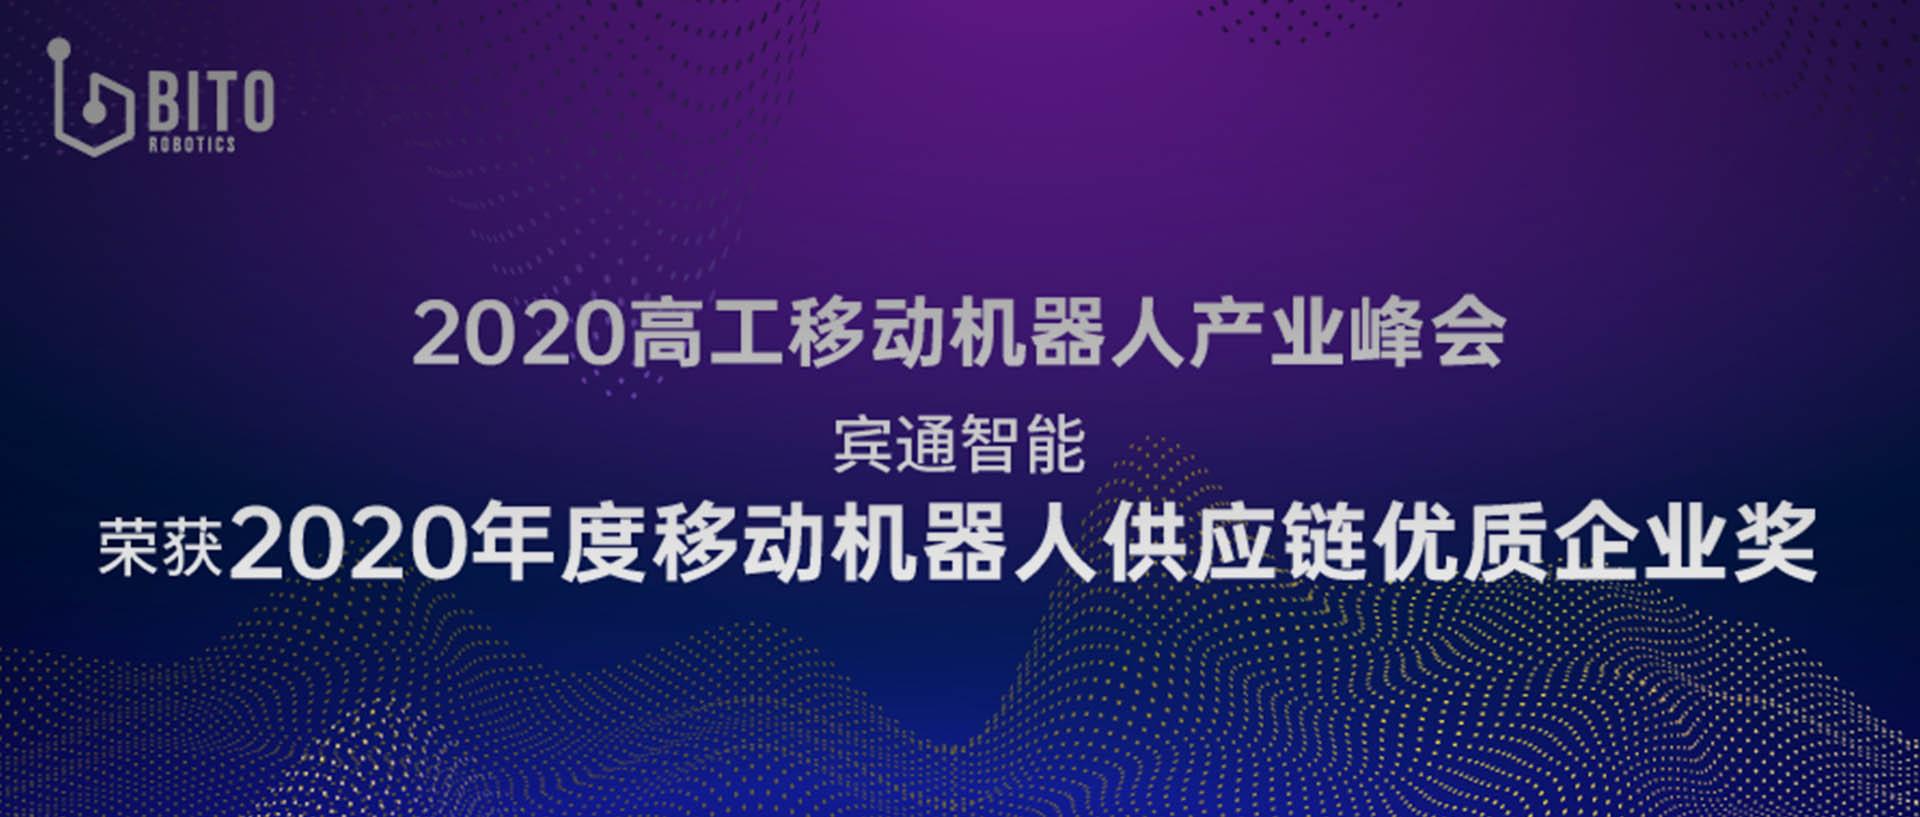 点赞!宾通智能荣获2020年物流技术装备推荐品牌奖